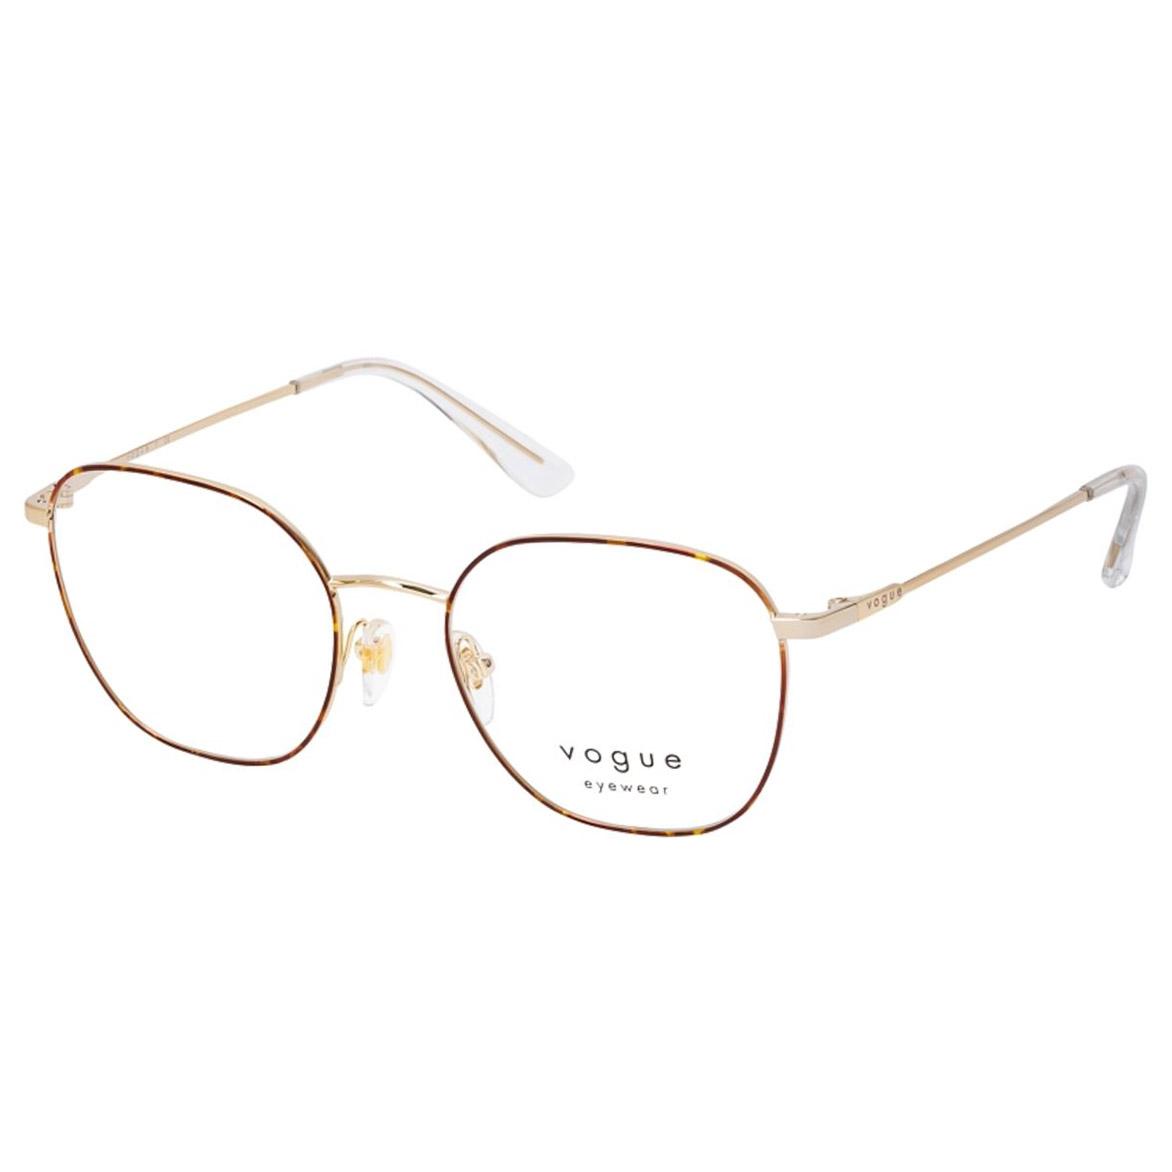 Óculos de Grau Vogue VO4178 Marrom Havana e Dourado